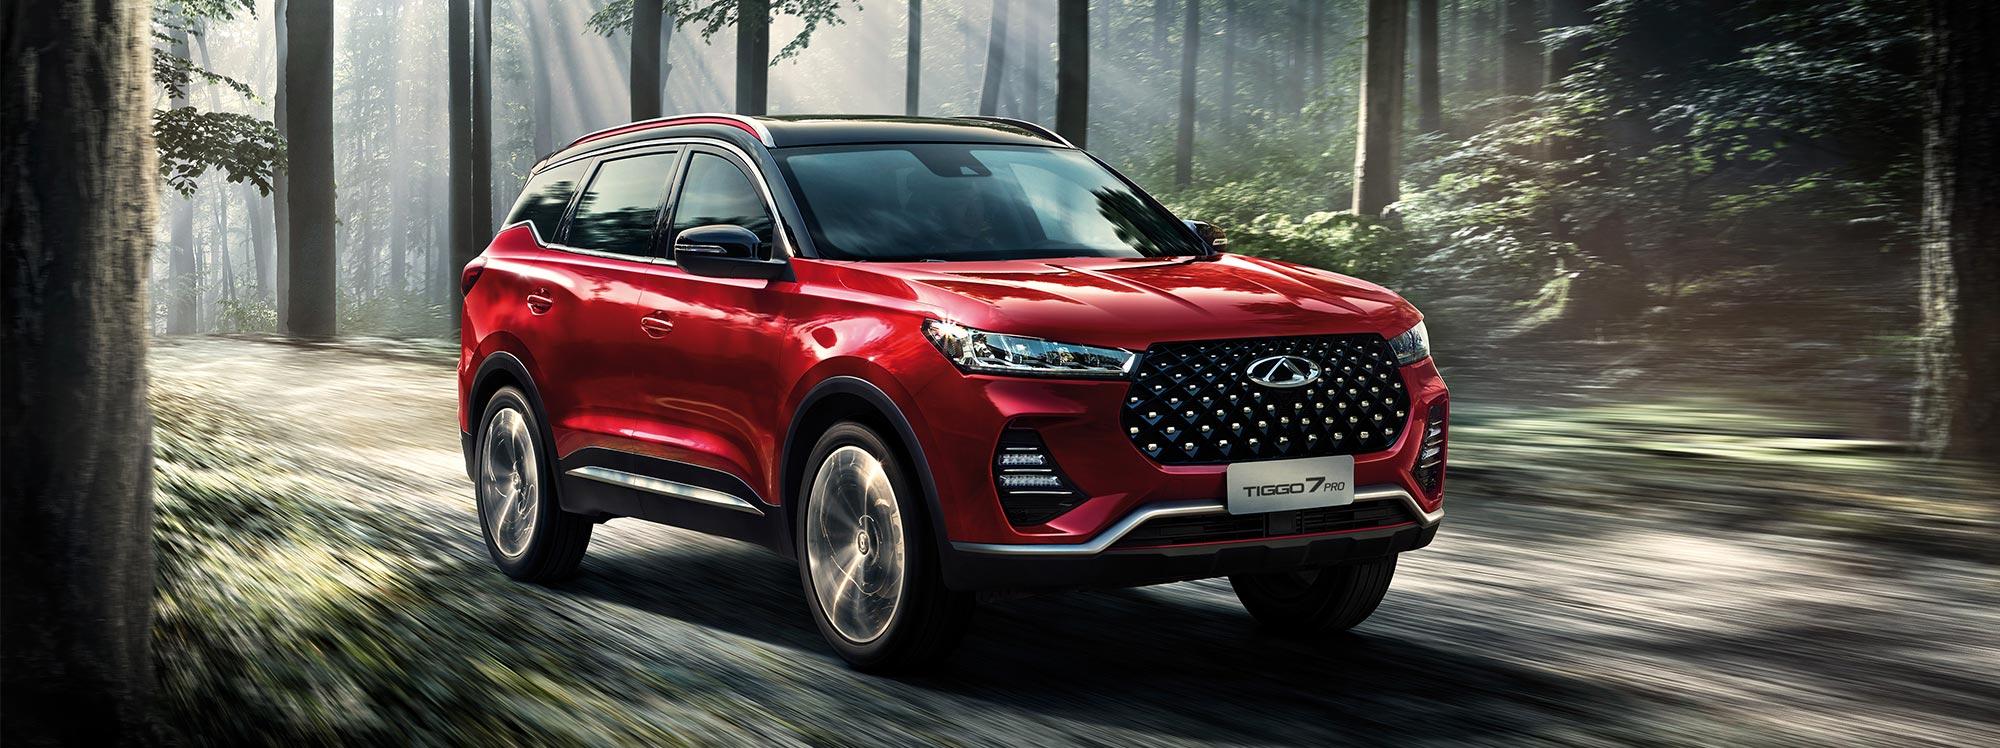 La nueva generación de SUV llega a Ecuador